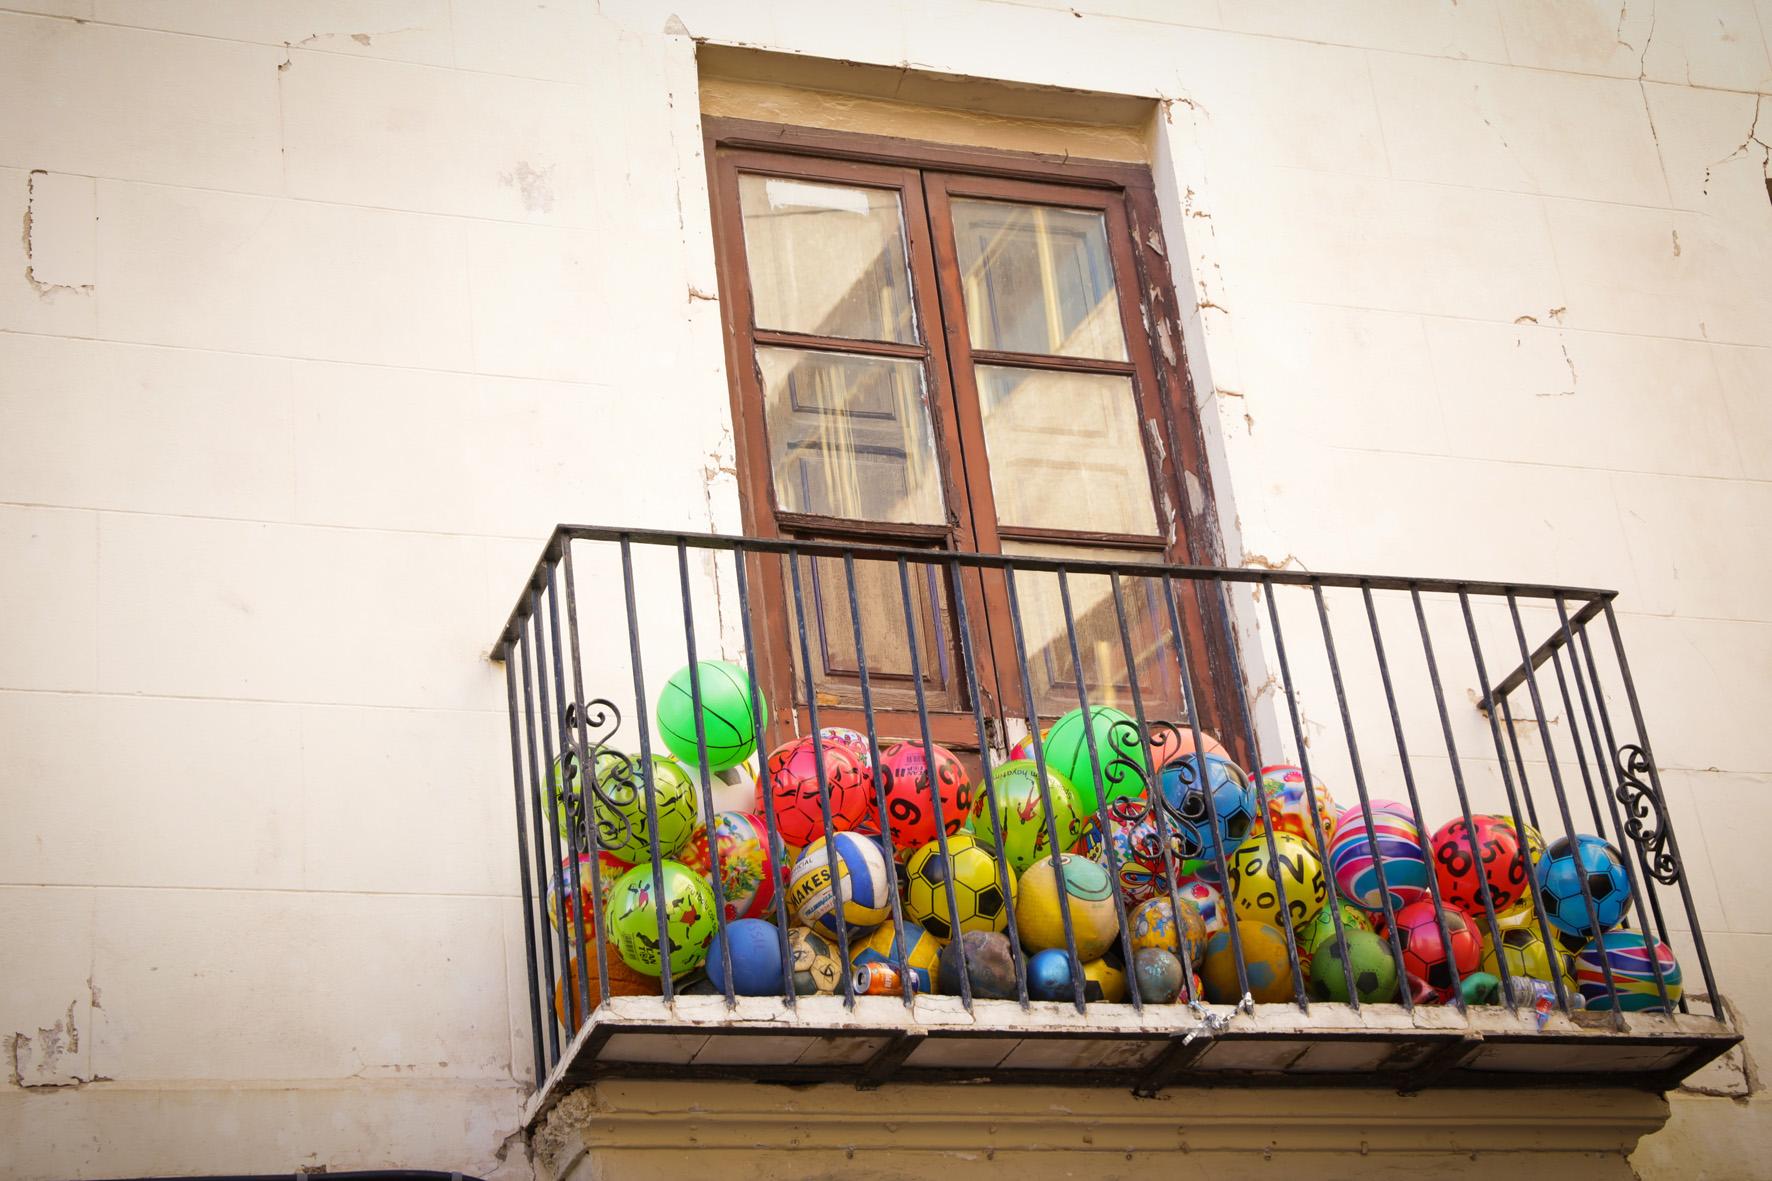 Inauguración de la Biennal de Mislata Miquel Navarro